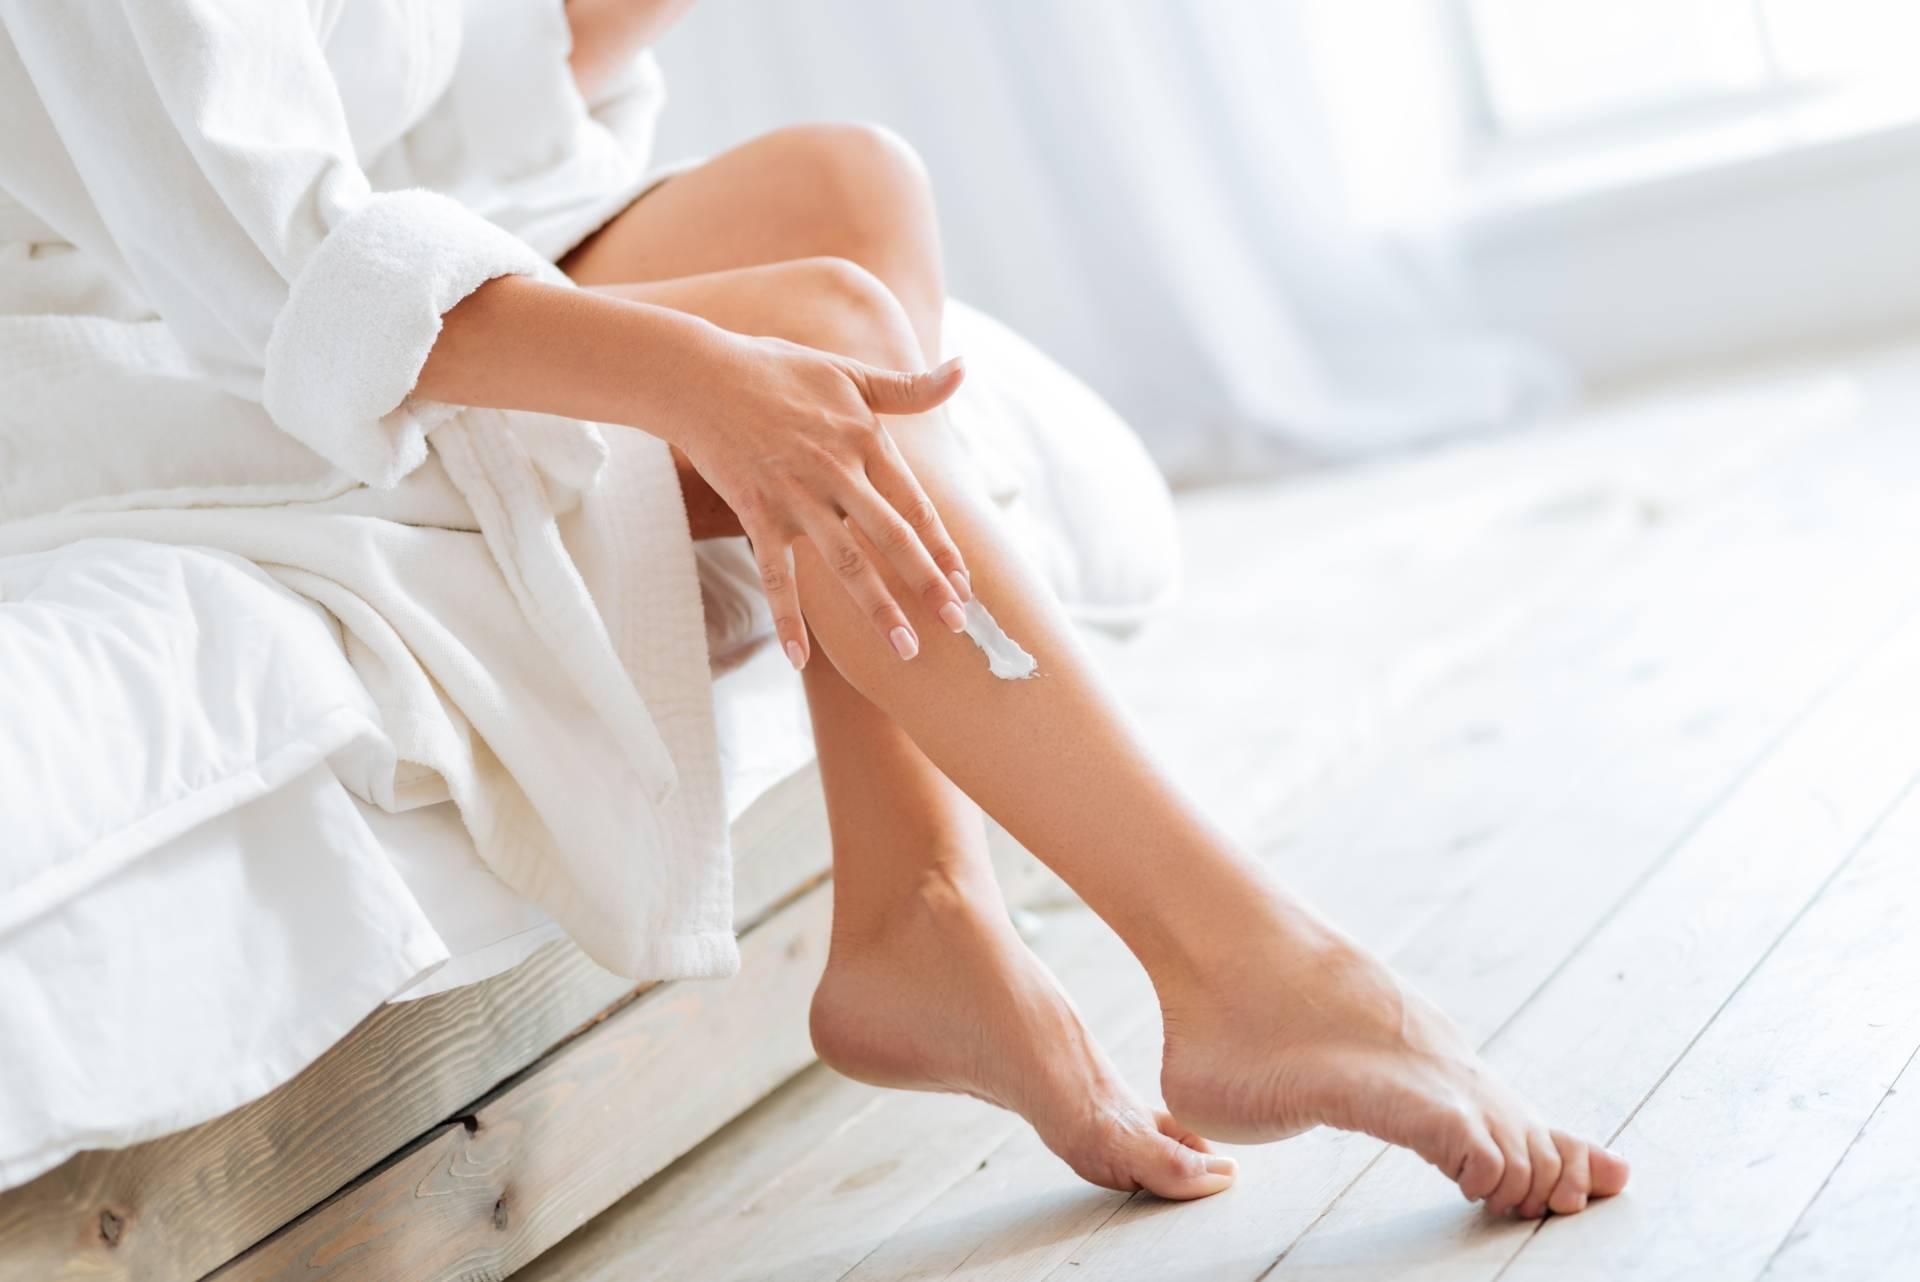 Jakie substancje toksyczne są w składzie popularnych kosmetyków? Kobieta w szlafroku nakłada balsam do ciała na łydkę.